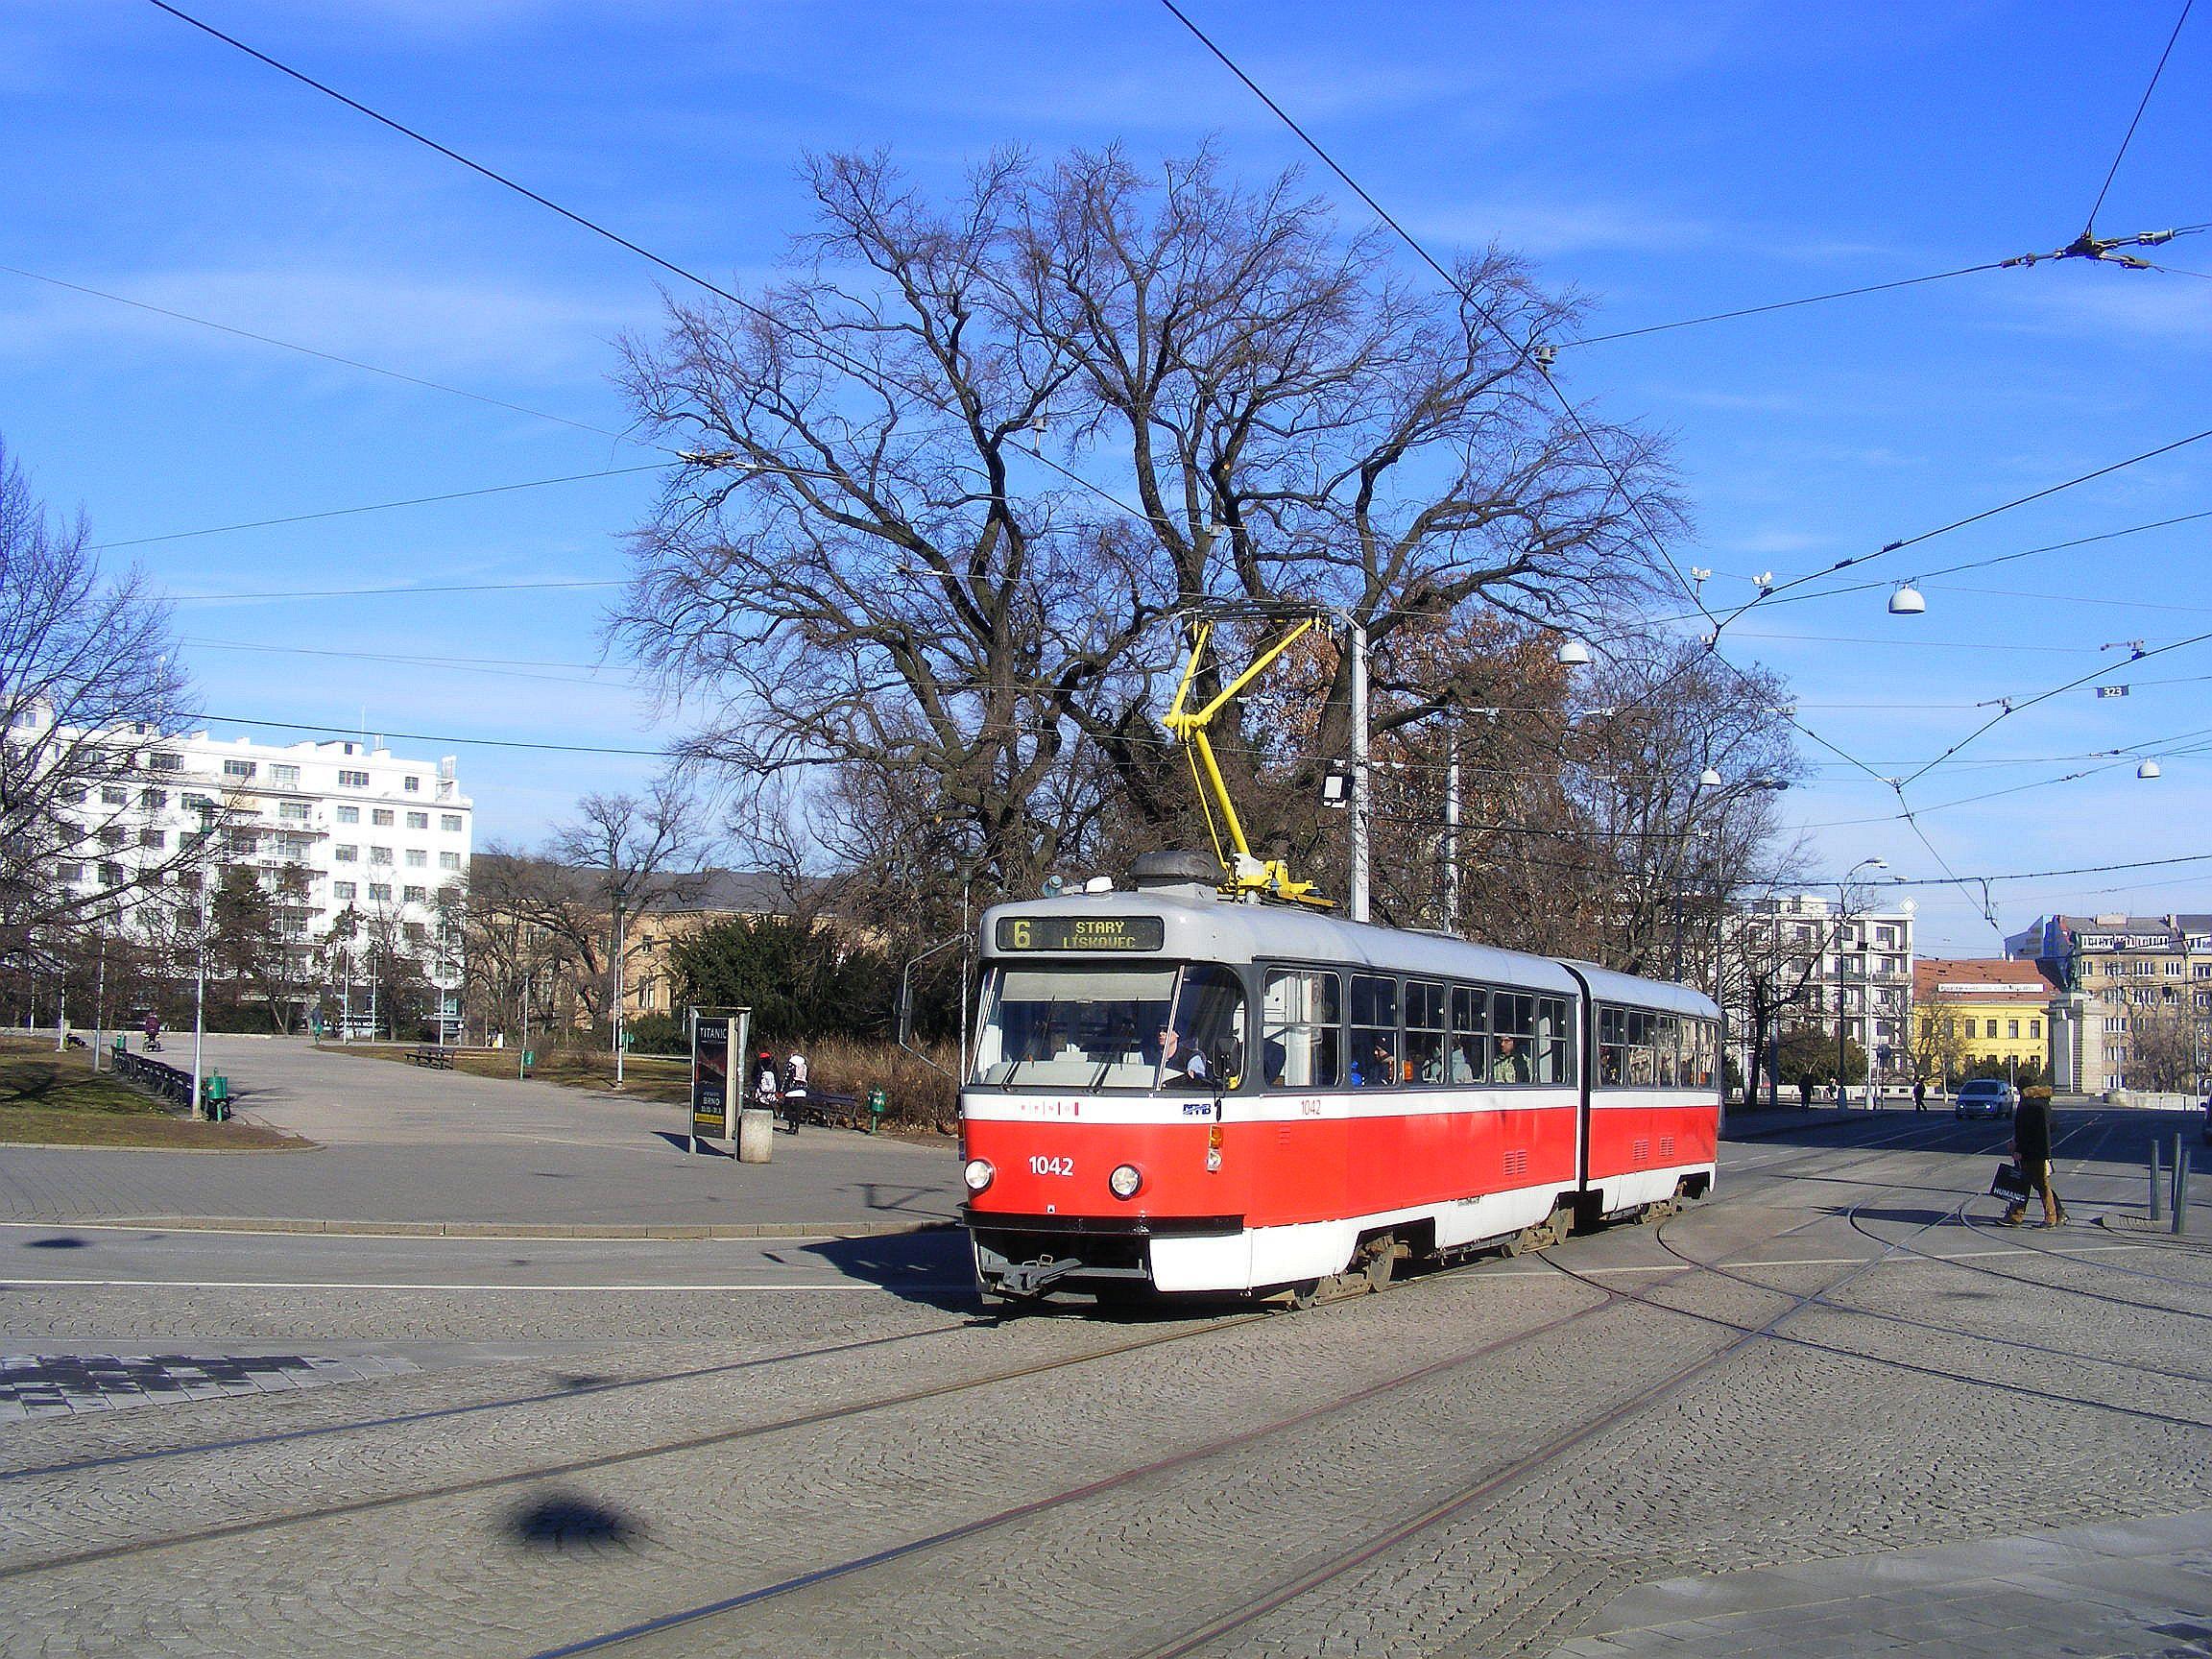 Brnoban jártam